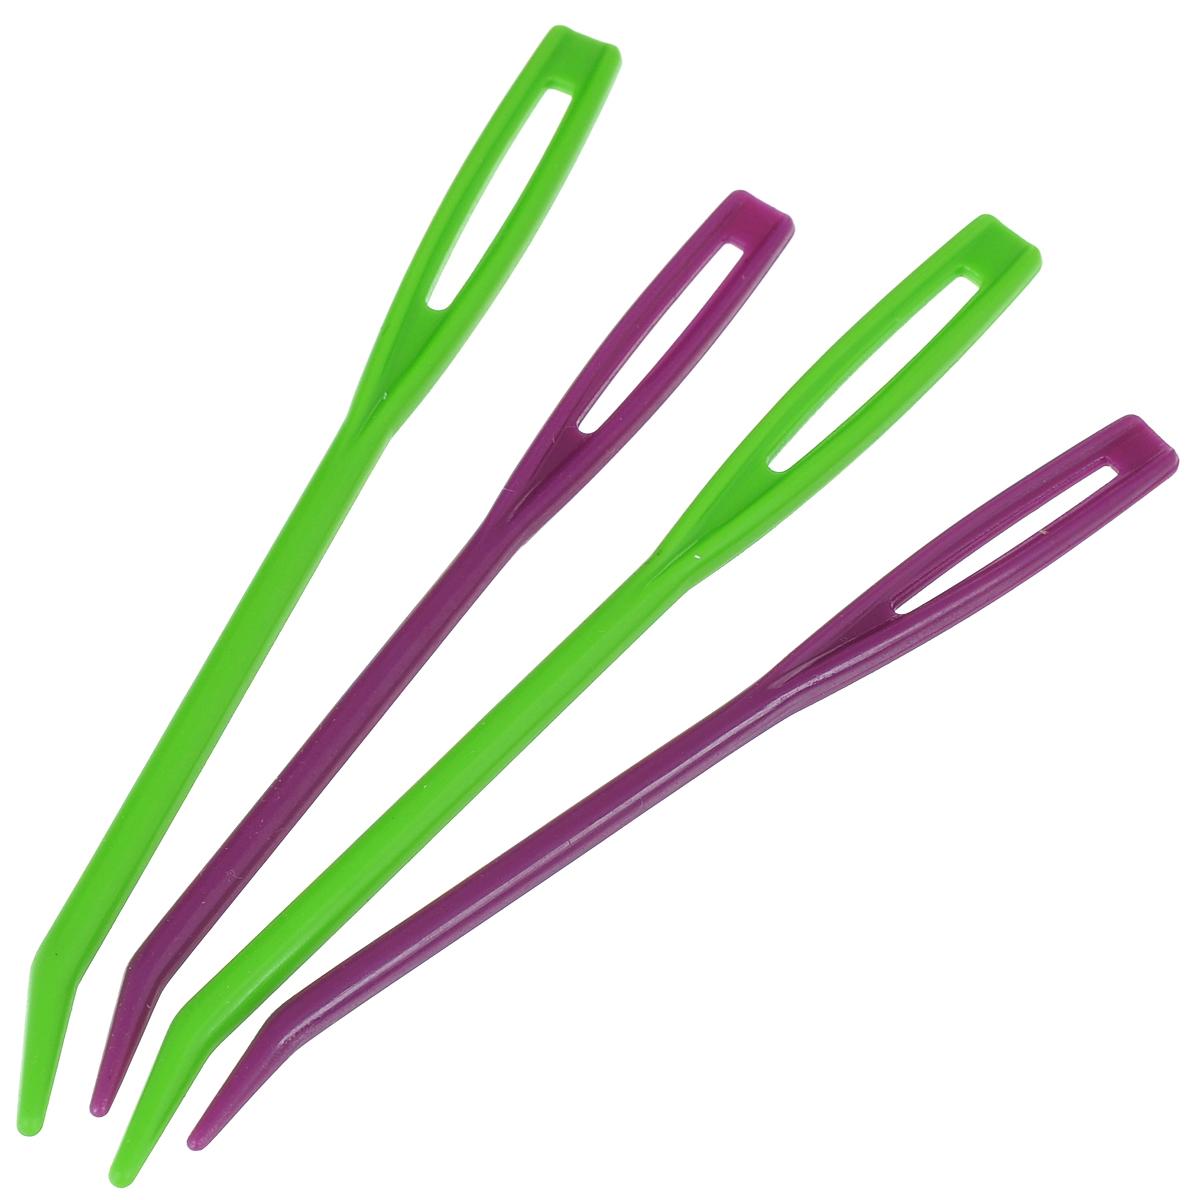 Набор игл KnitPro, для гобелена, цвет: зеленый, фиолетовый, 4 шт10806Набор KnitPro состоит из 4 игл разной длины, изготовленных из плотного пластика. Изделия применяются в швейных работах, вышивках на канве и ткани. Особенно они подходят для вышивания крестом. В широкое ушко без труда можно продеть нужное количество ниток. Благодаря тому, что поверхность игл гладкая пряжа не будет ни за что цепляться. Комплектация: 4 шт. Длина игл: 7,8 см; 8,8 см. Размер ушка: 1,7 см х 0,2 см; 2 см х 0,3 см.